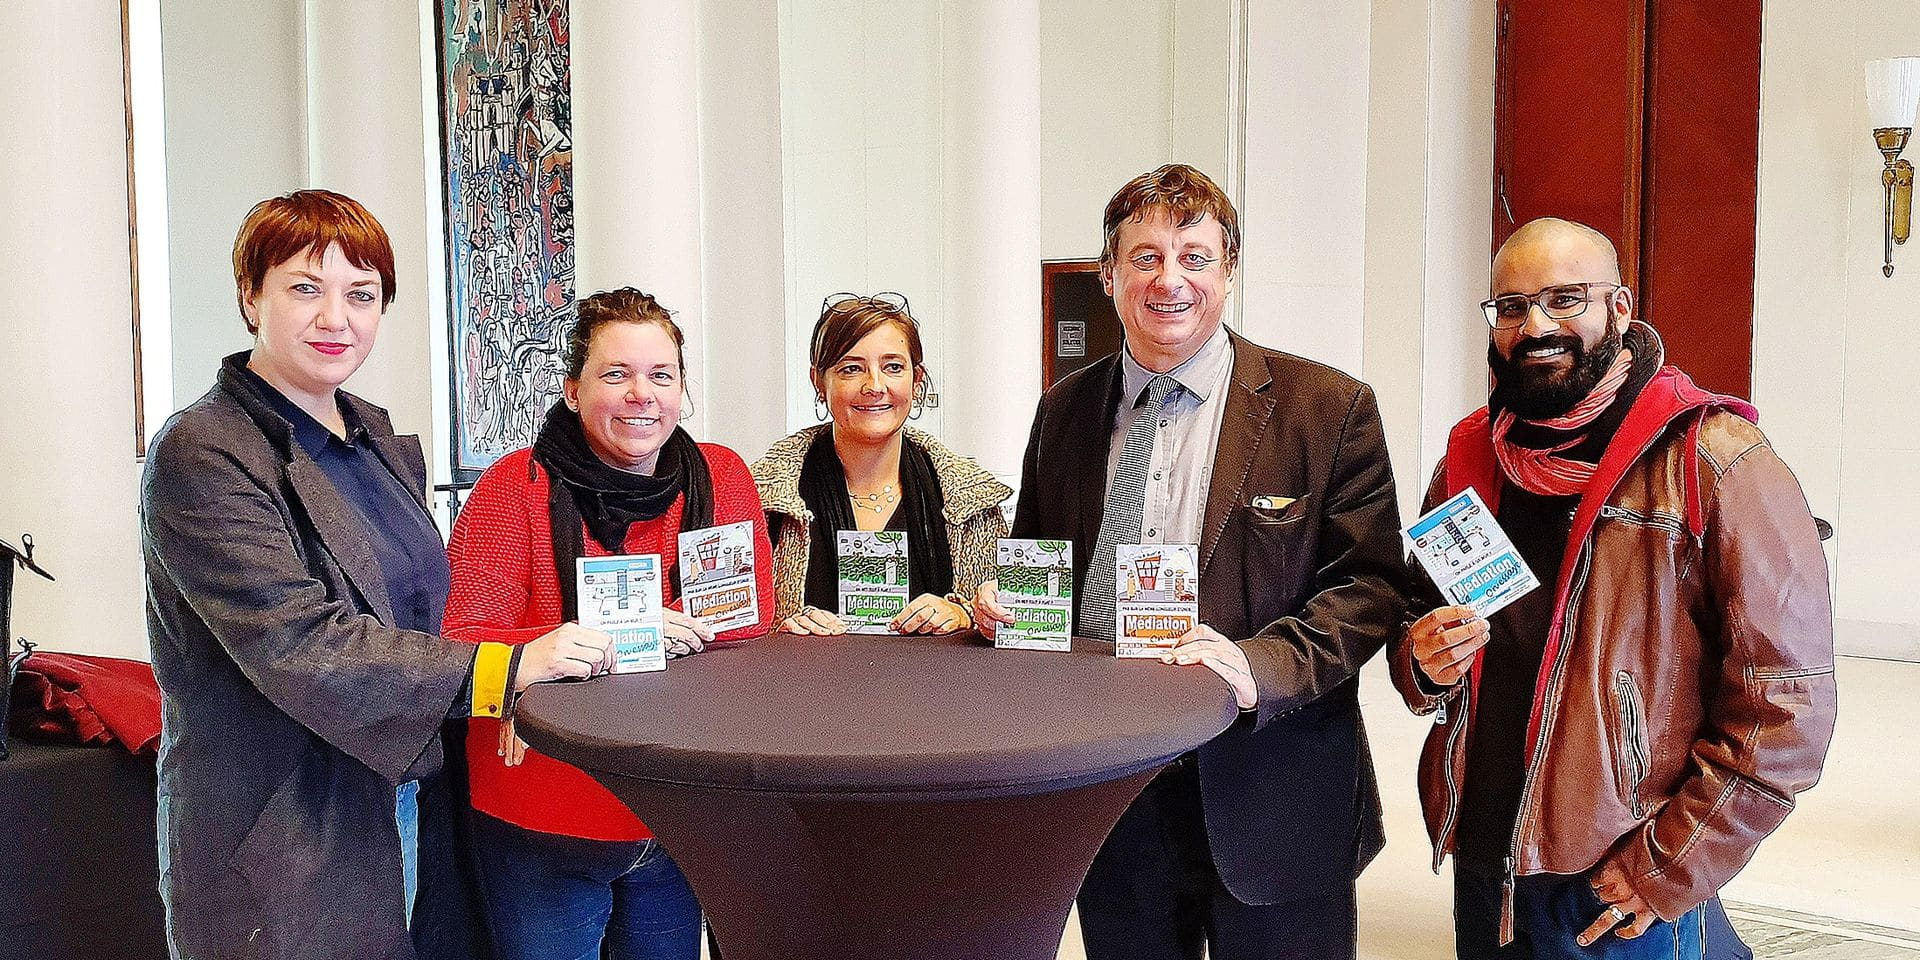 Le service Médiation de la Ville de Tournai fête ses dix ans